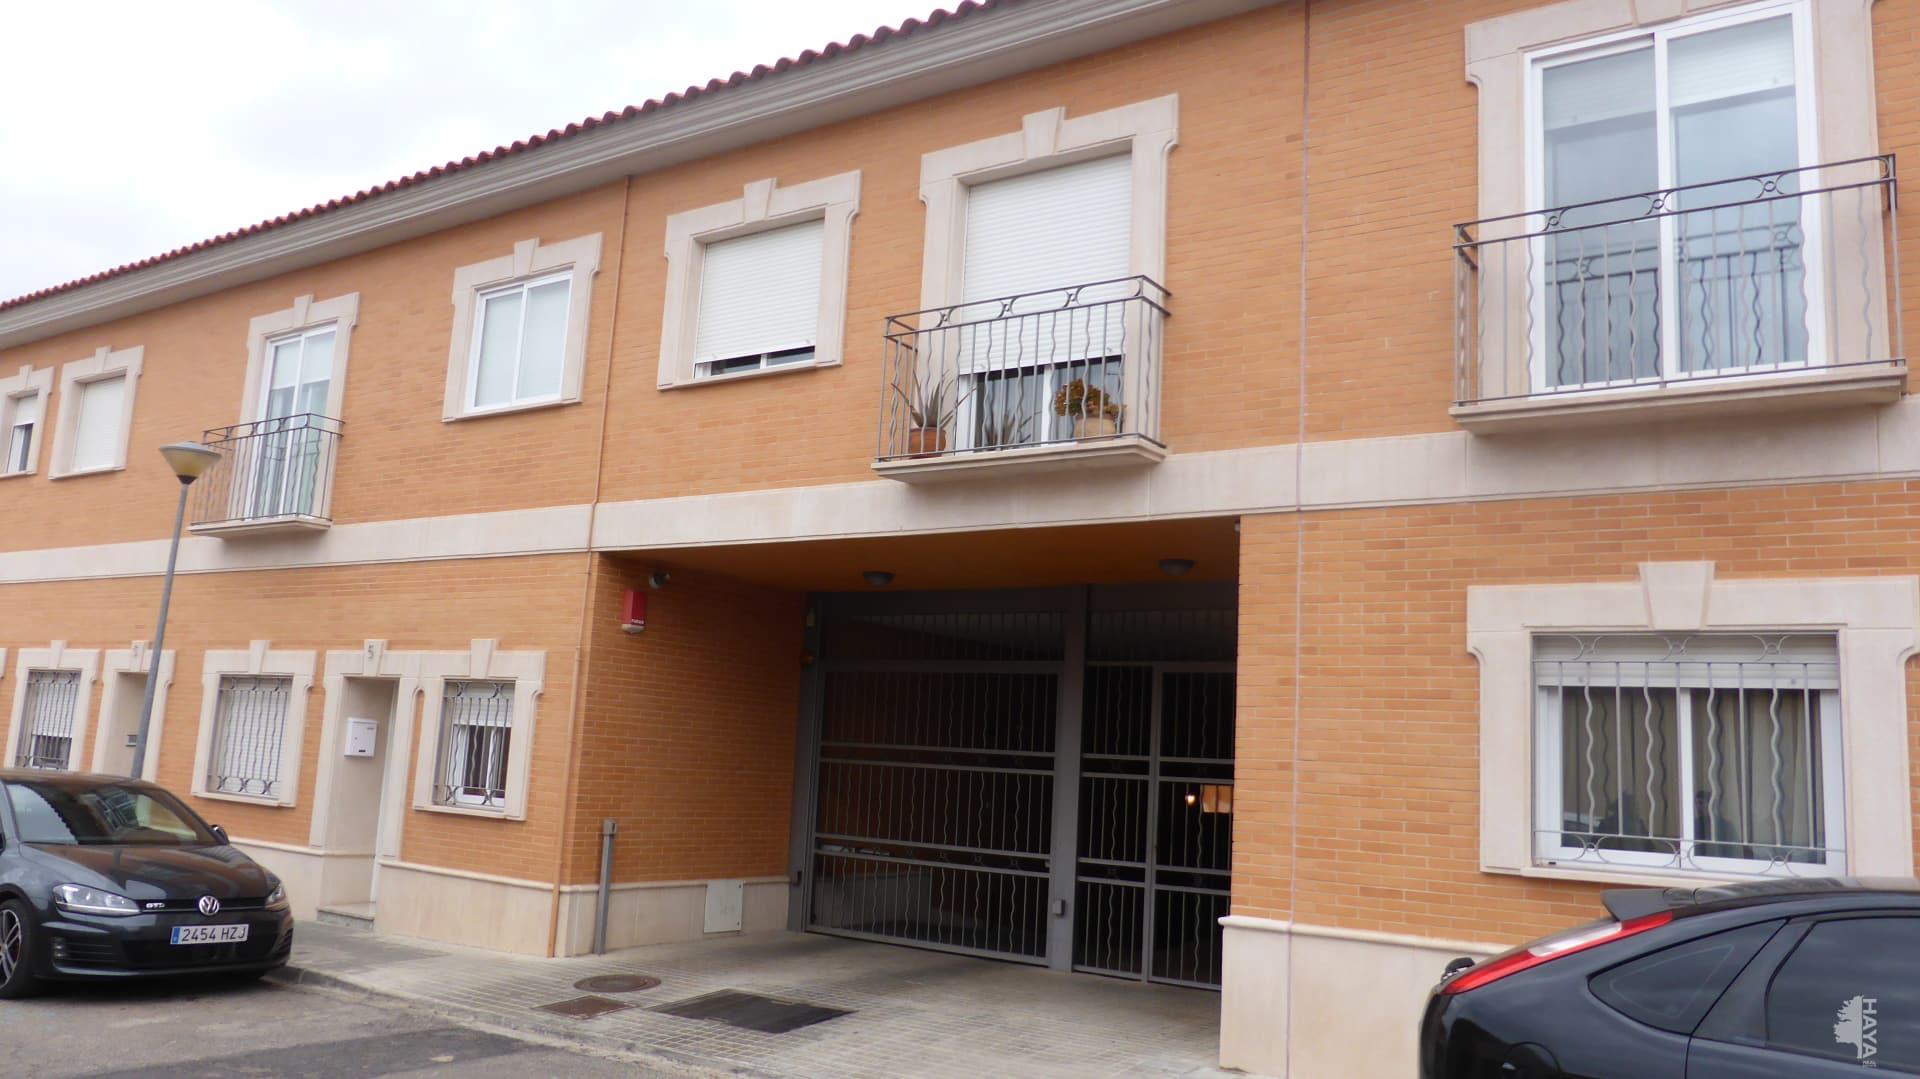 Piso en venta en Miguelturra, Ciudad Real, Calle Dinamarca, 91.500 €, 2 habitaciones, 2 baños, 94 m2